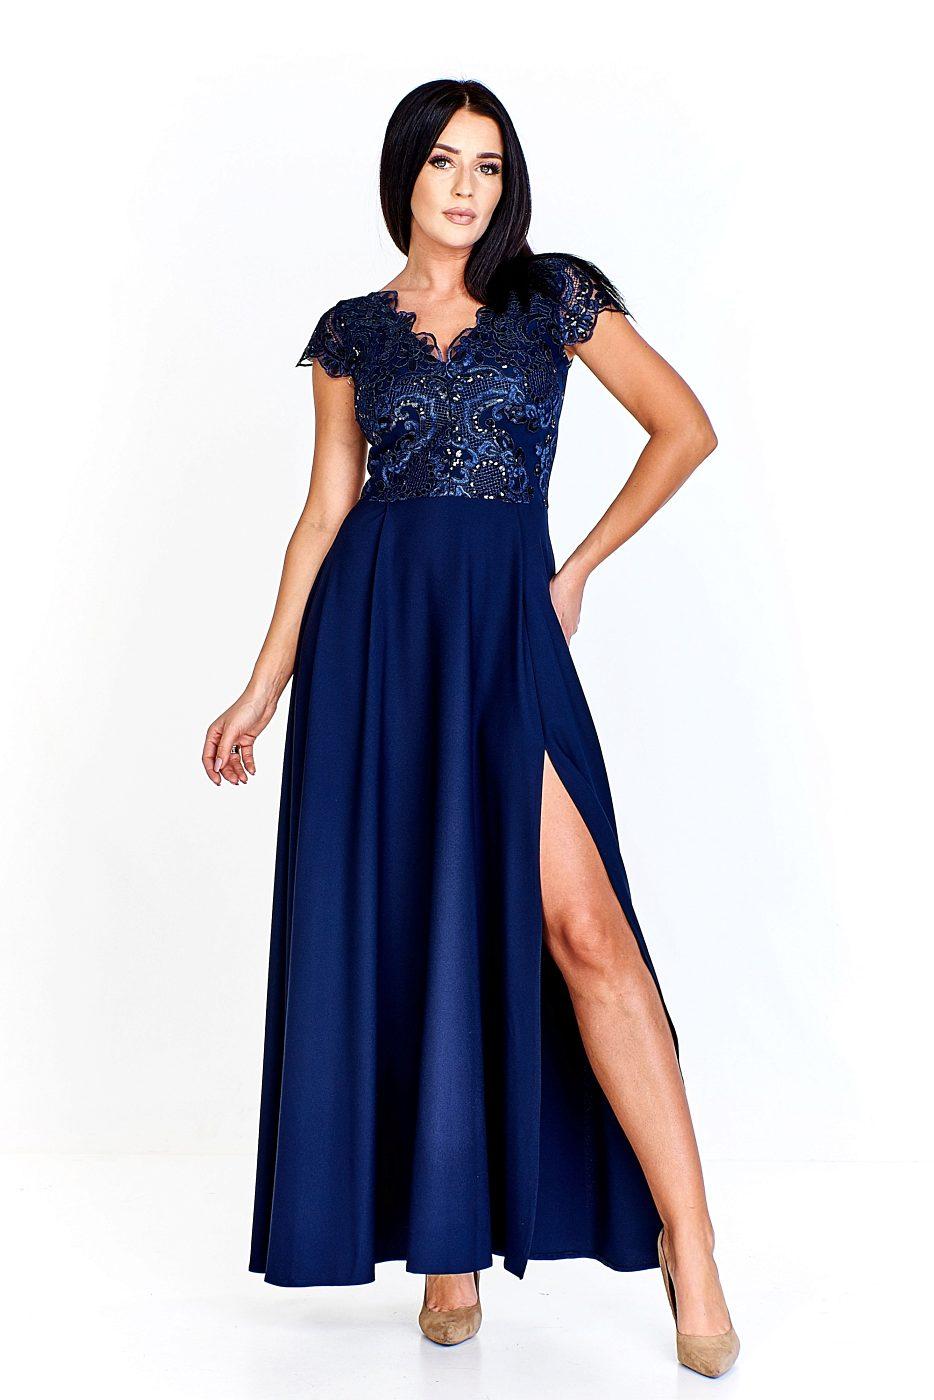 9056cd5df724 Modré společenské šaty s rozparkem Bosca Fashion Laura Bosca Fashion ...